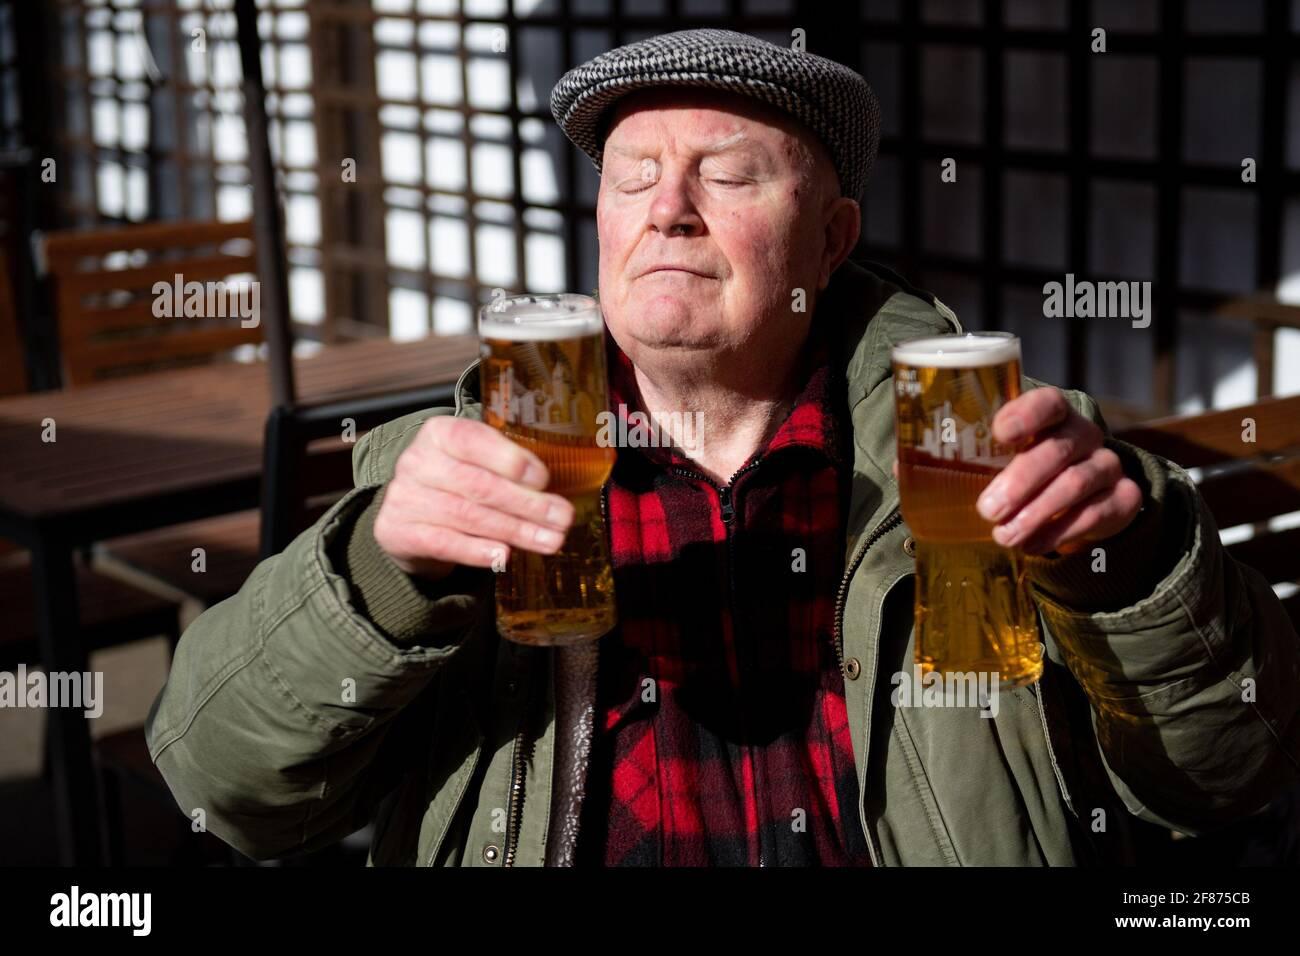 John Witts gode di un drink alla riapertura del pub The Figure of Eight, a Birmingham, mentre l'Inghilterra fa un altro passo indietro verso la normalità con l'ulteriore allentamento delle restrizioni di blocco. Data immagine: Lunedì 12 aprile 2021. Foto Stock